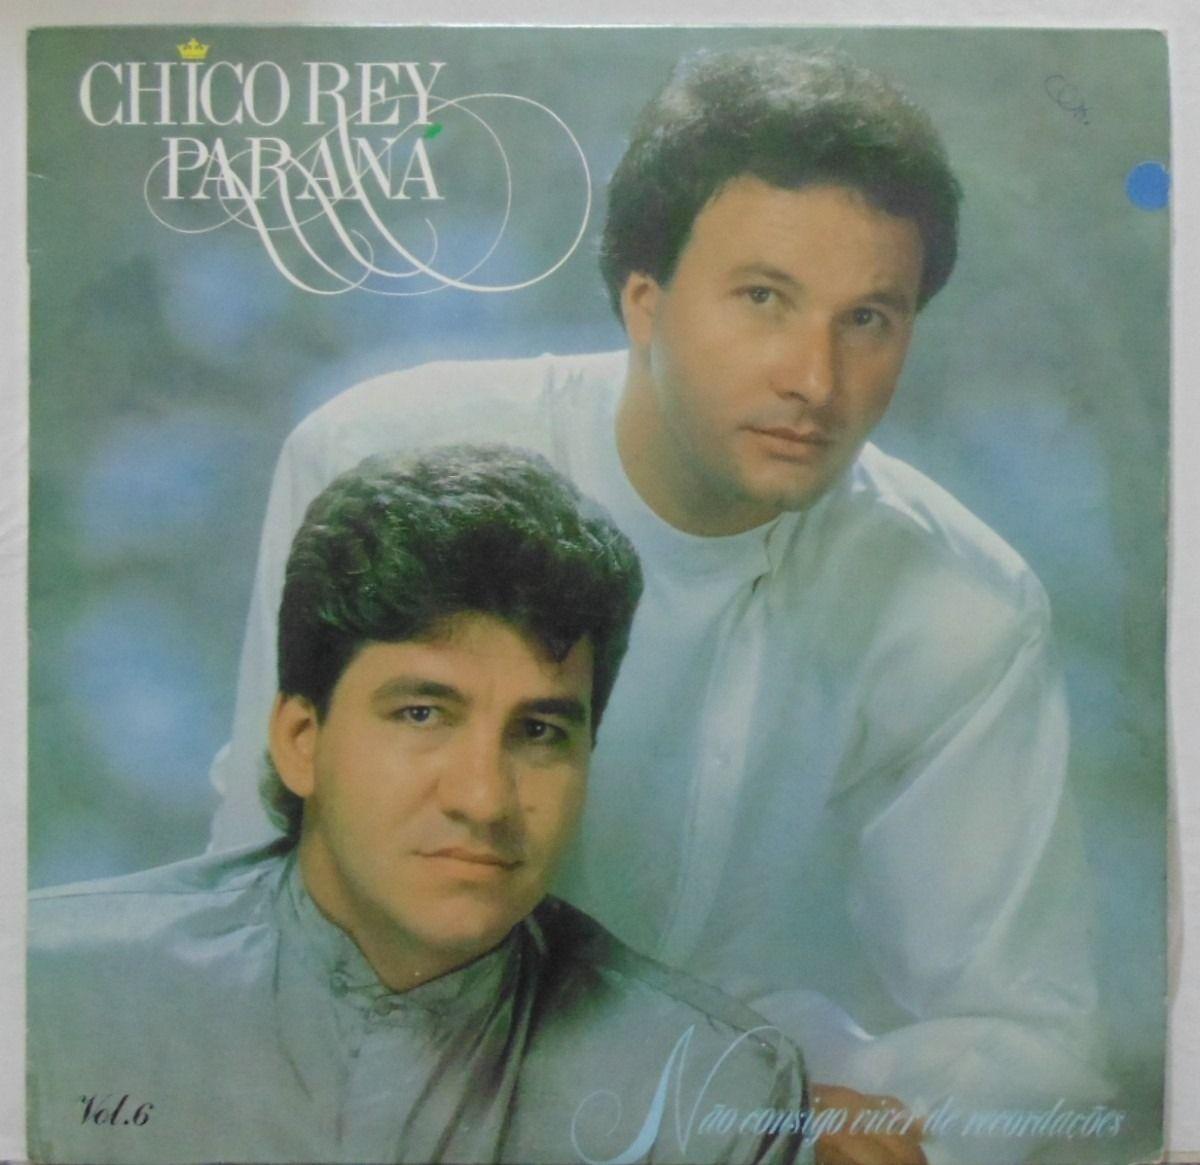 E MP3 CD BAIXAR CHICO PALCO DE PARANA REY